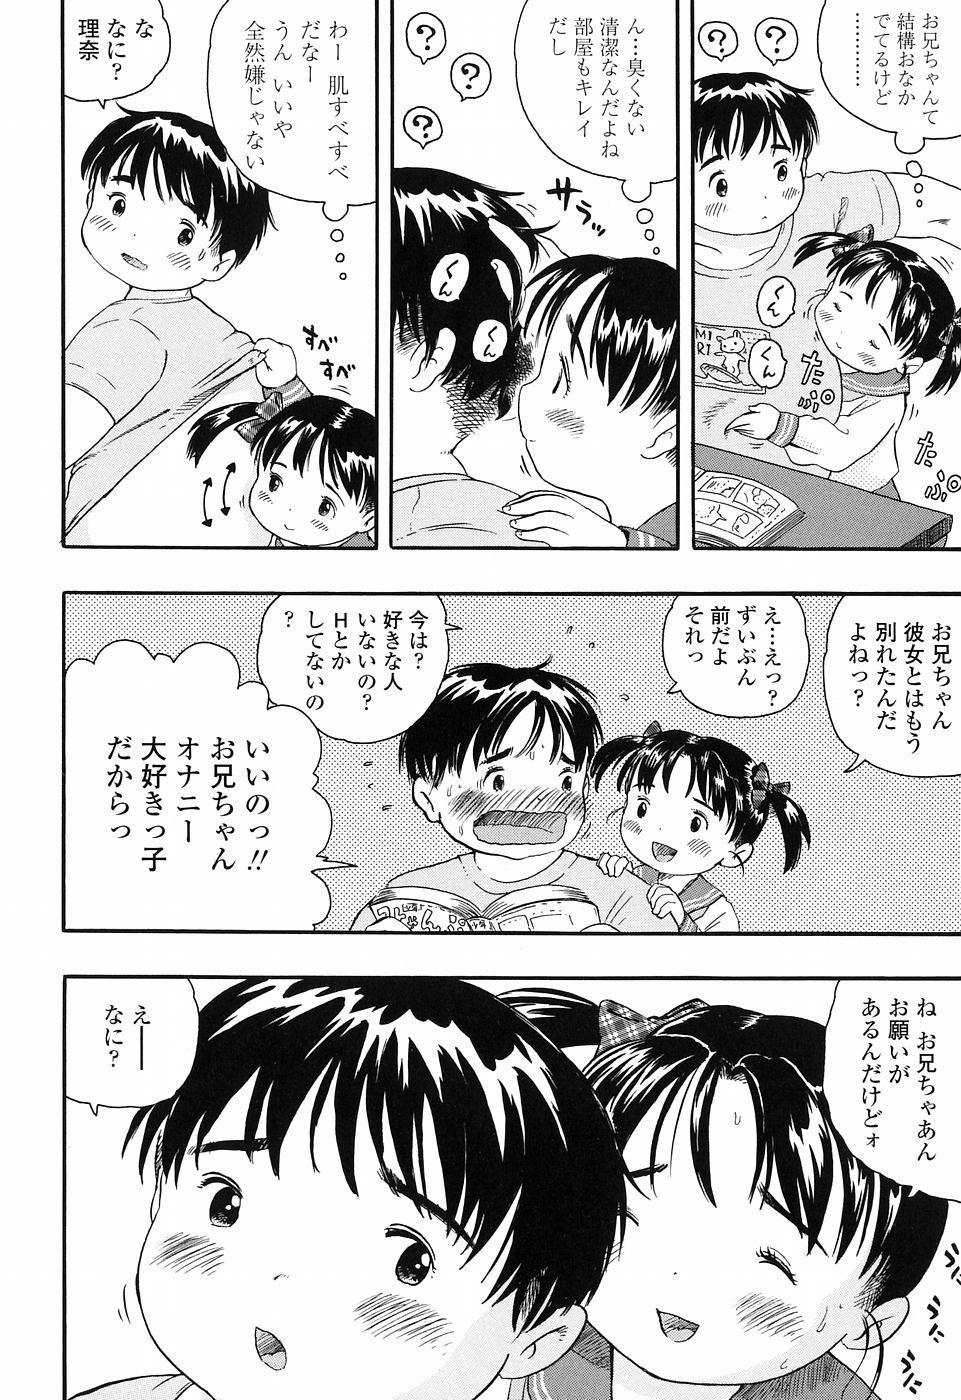 Koisuru Fukurami 53